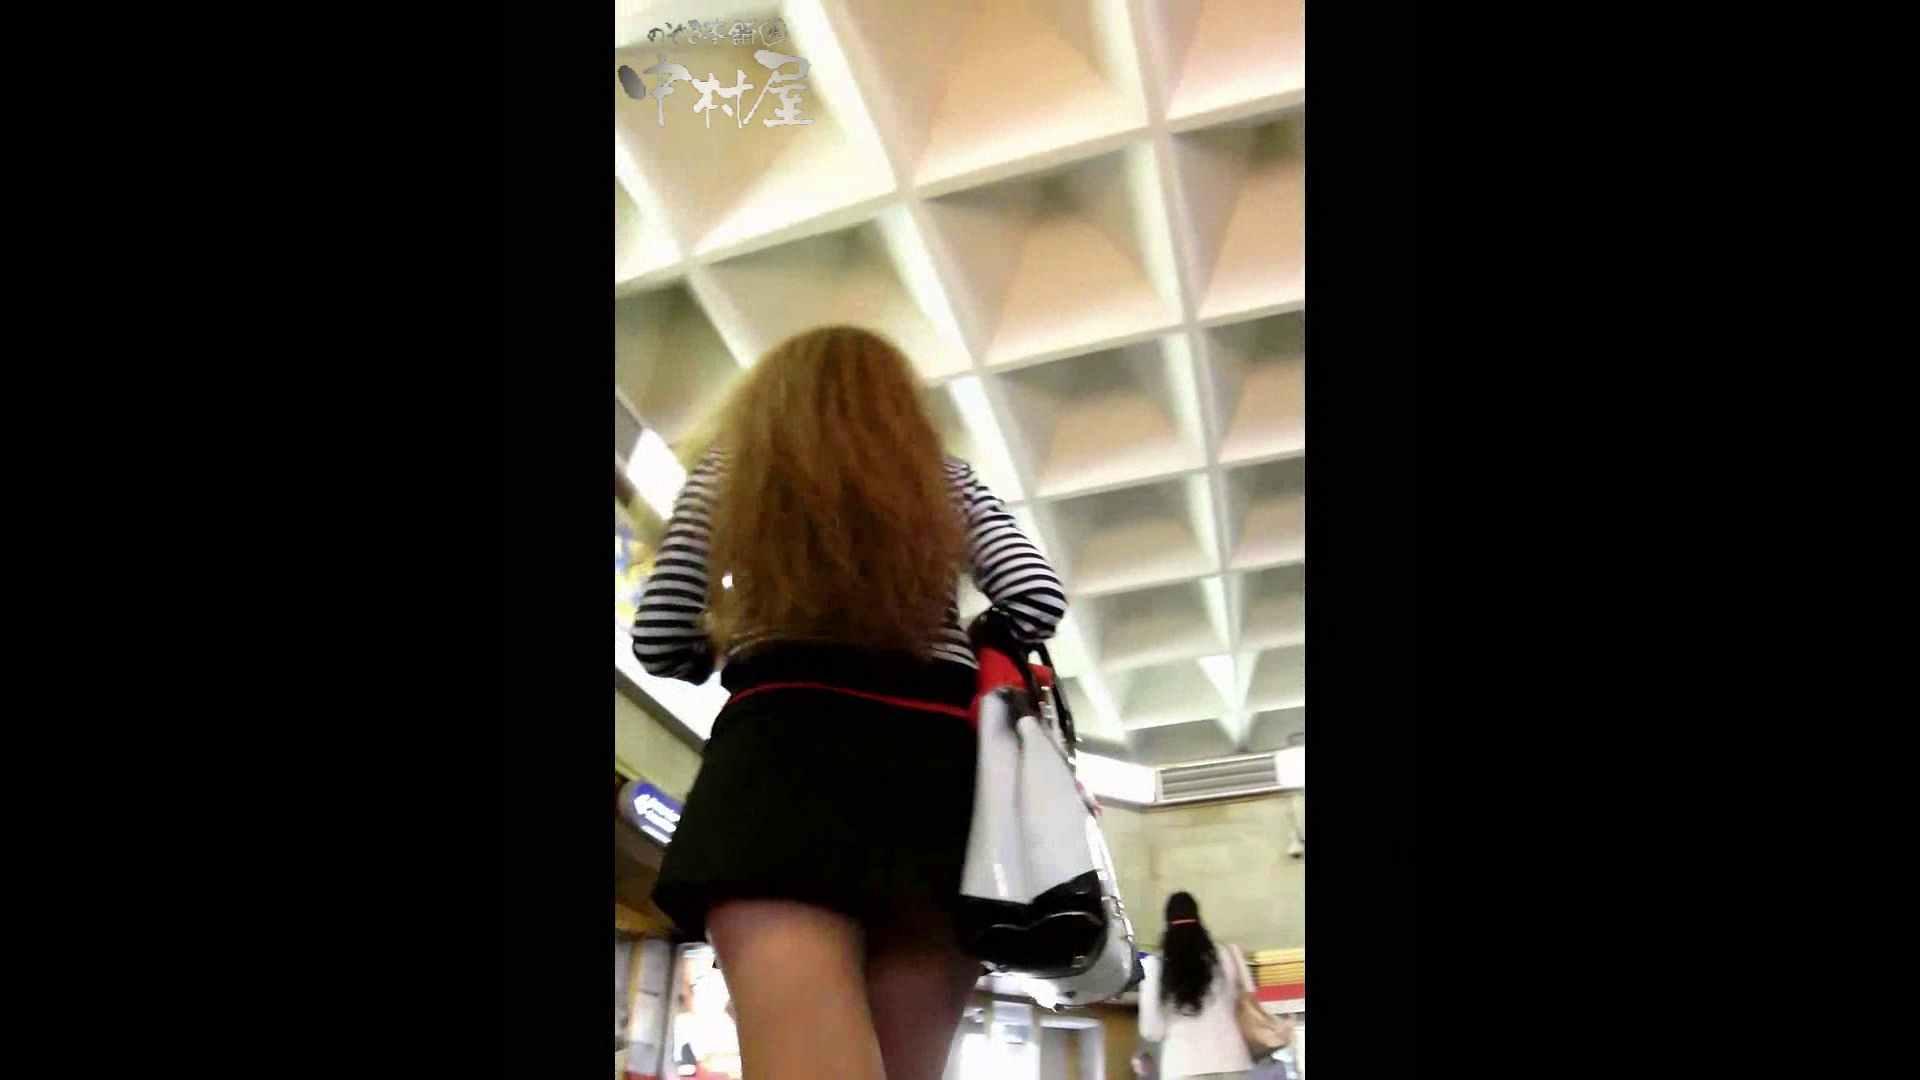 綺麗なモデルさんのスカート捲っちゃおう‼ vol23 お姉さん  55連発 18